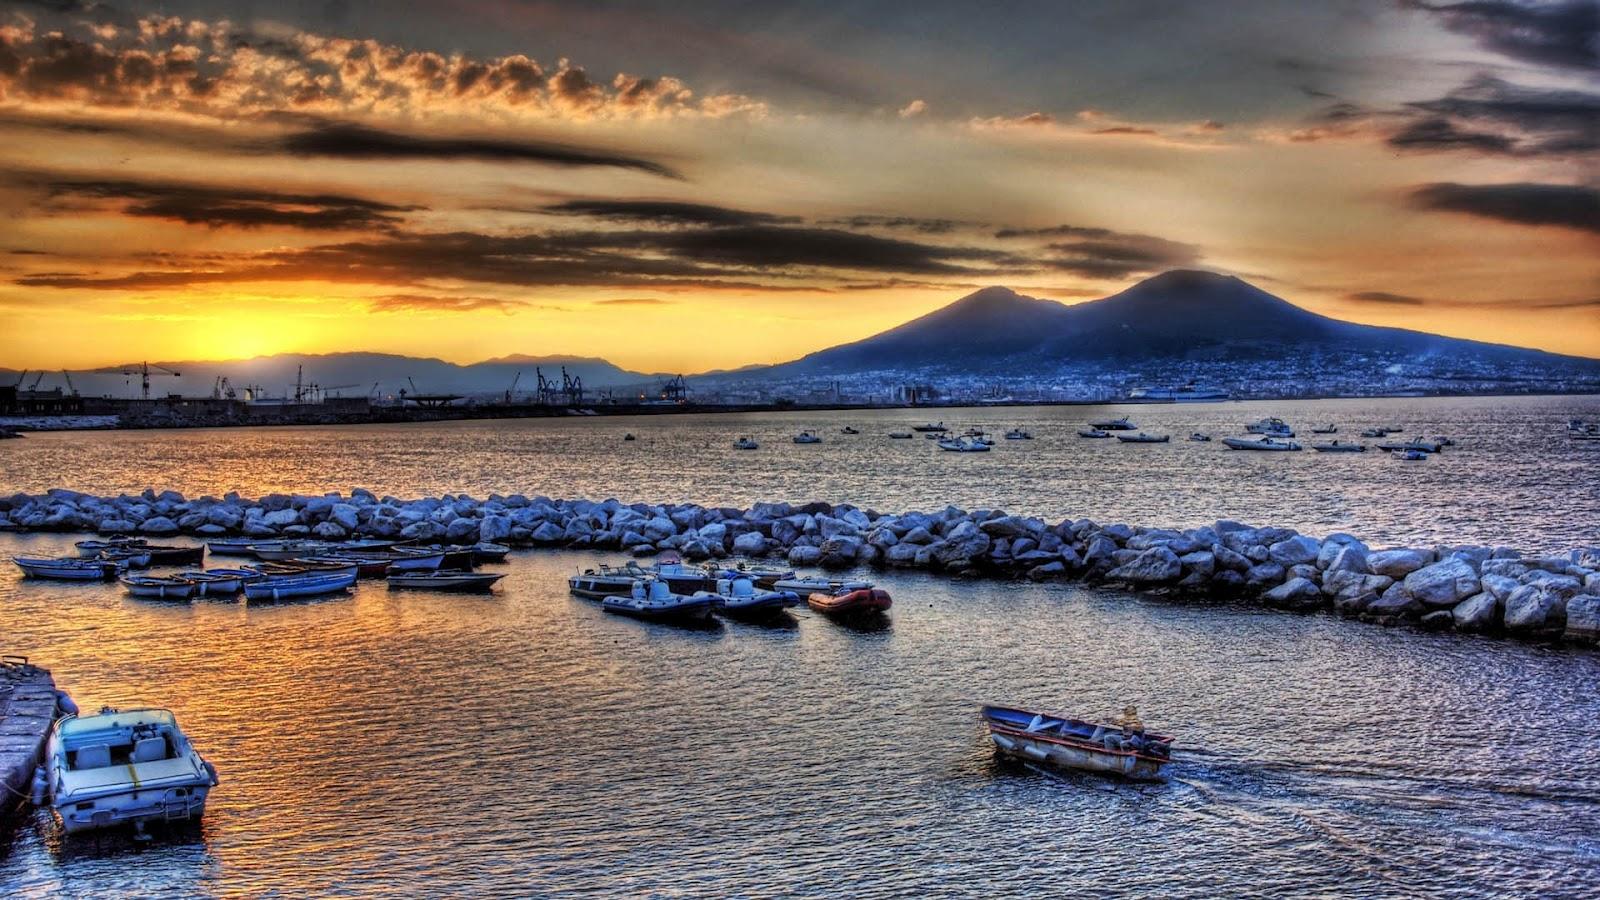 Imagenes imagenes de paisajes wallpapers hd for Imagenes wallpaper hd